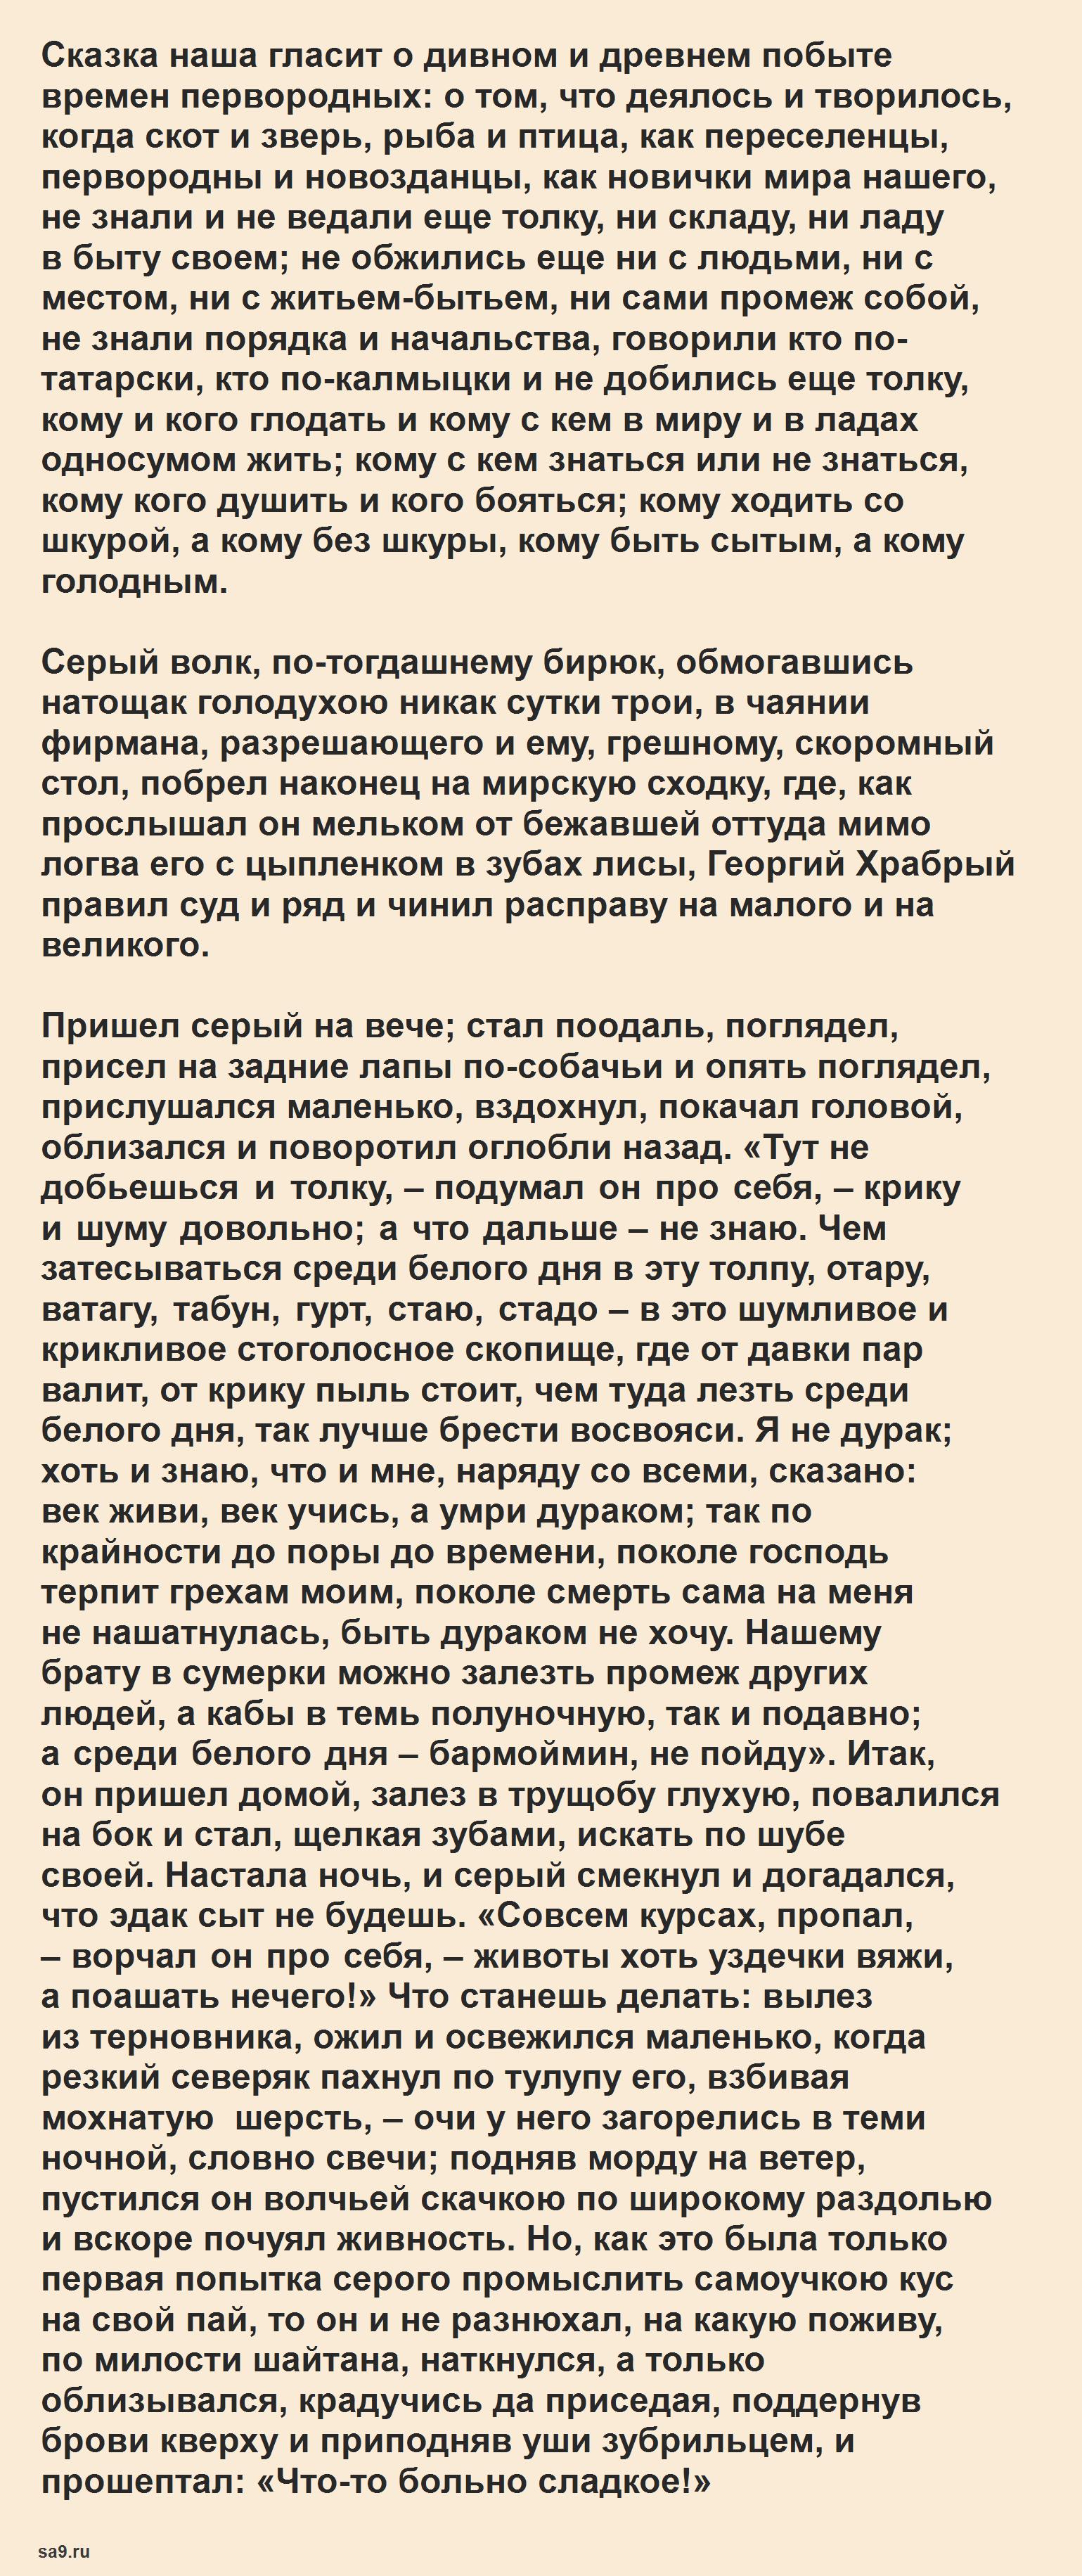 О Георгии Храбром и о волке – сказка Даля, онлайн бесплатно